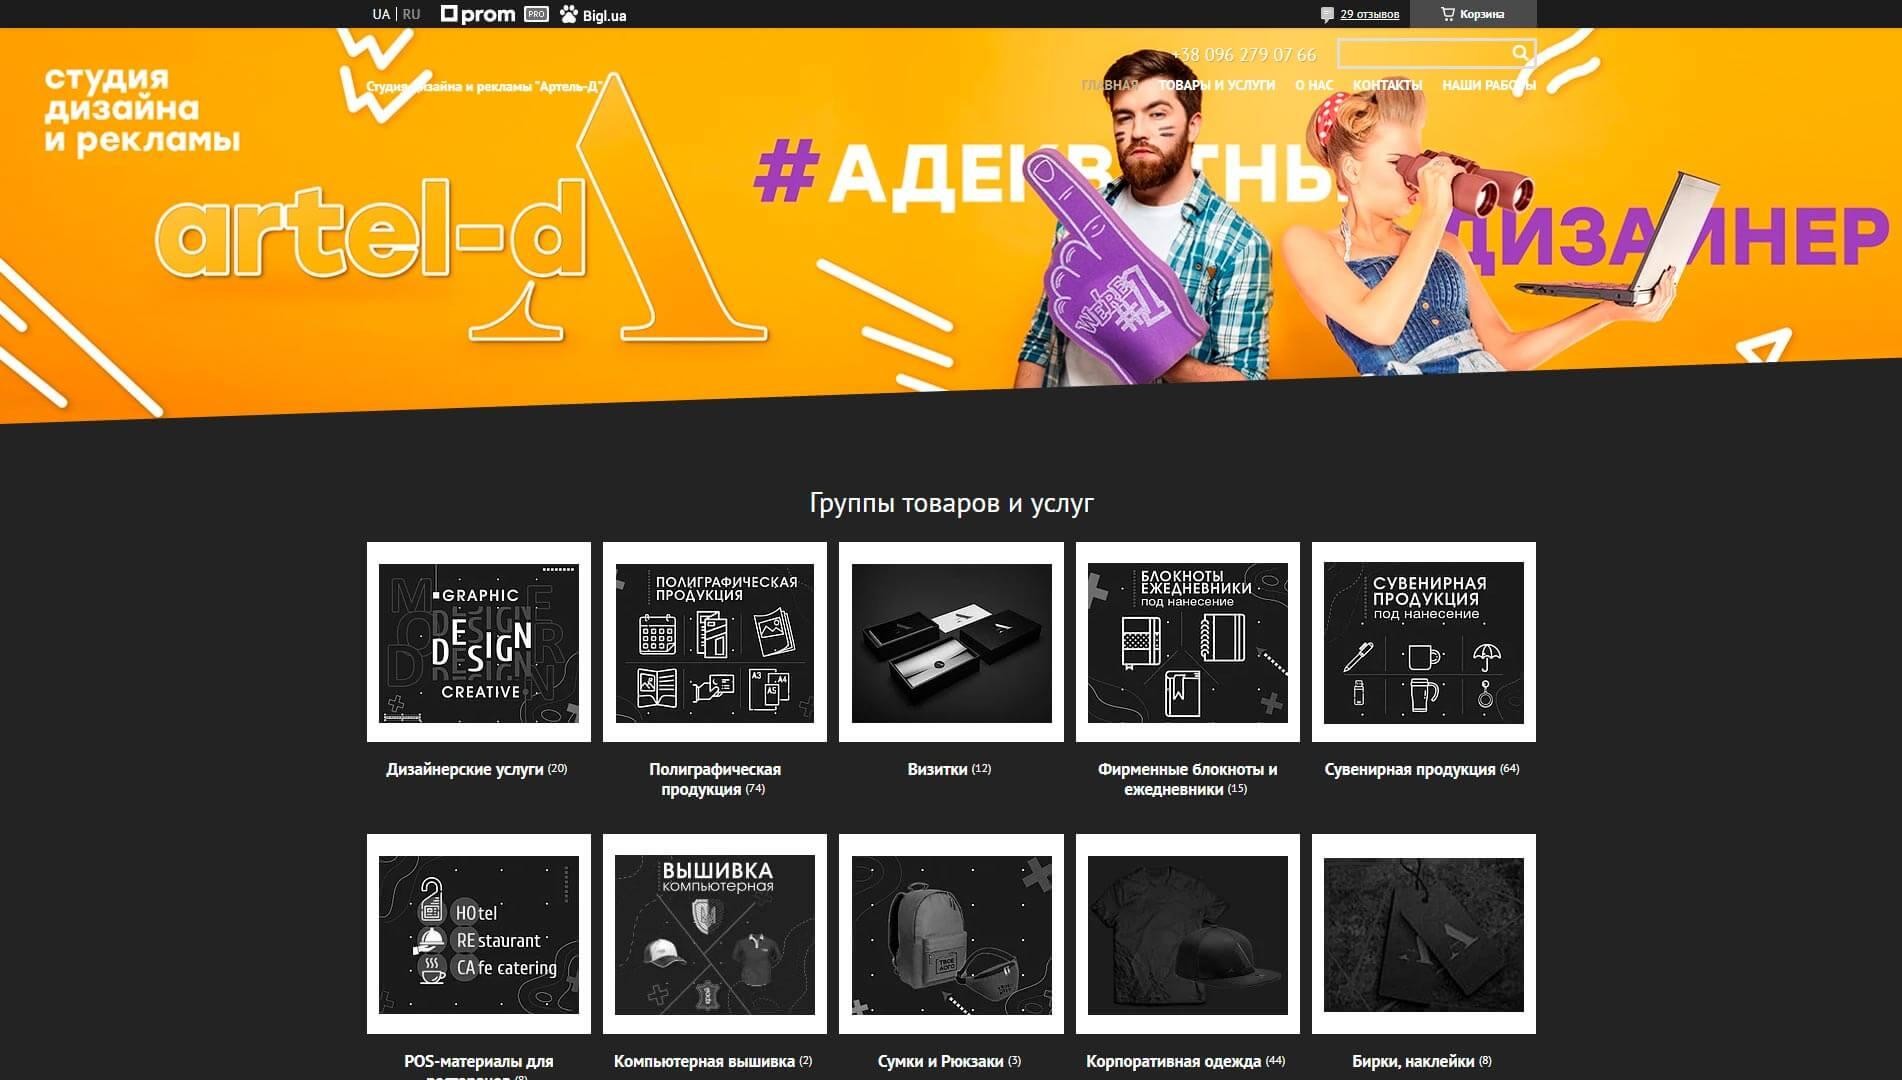 Артель-Д - обзор компании, услуги, отзывы, клиенты, Фото № 1 - google-seo.pro